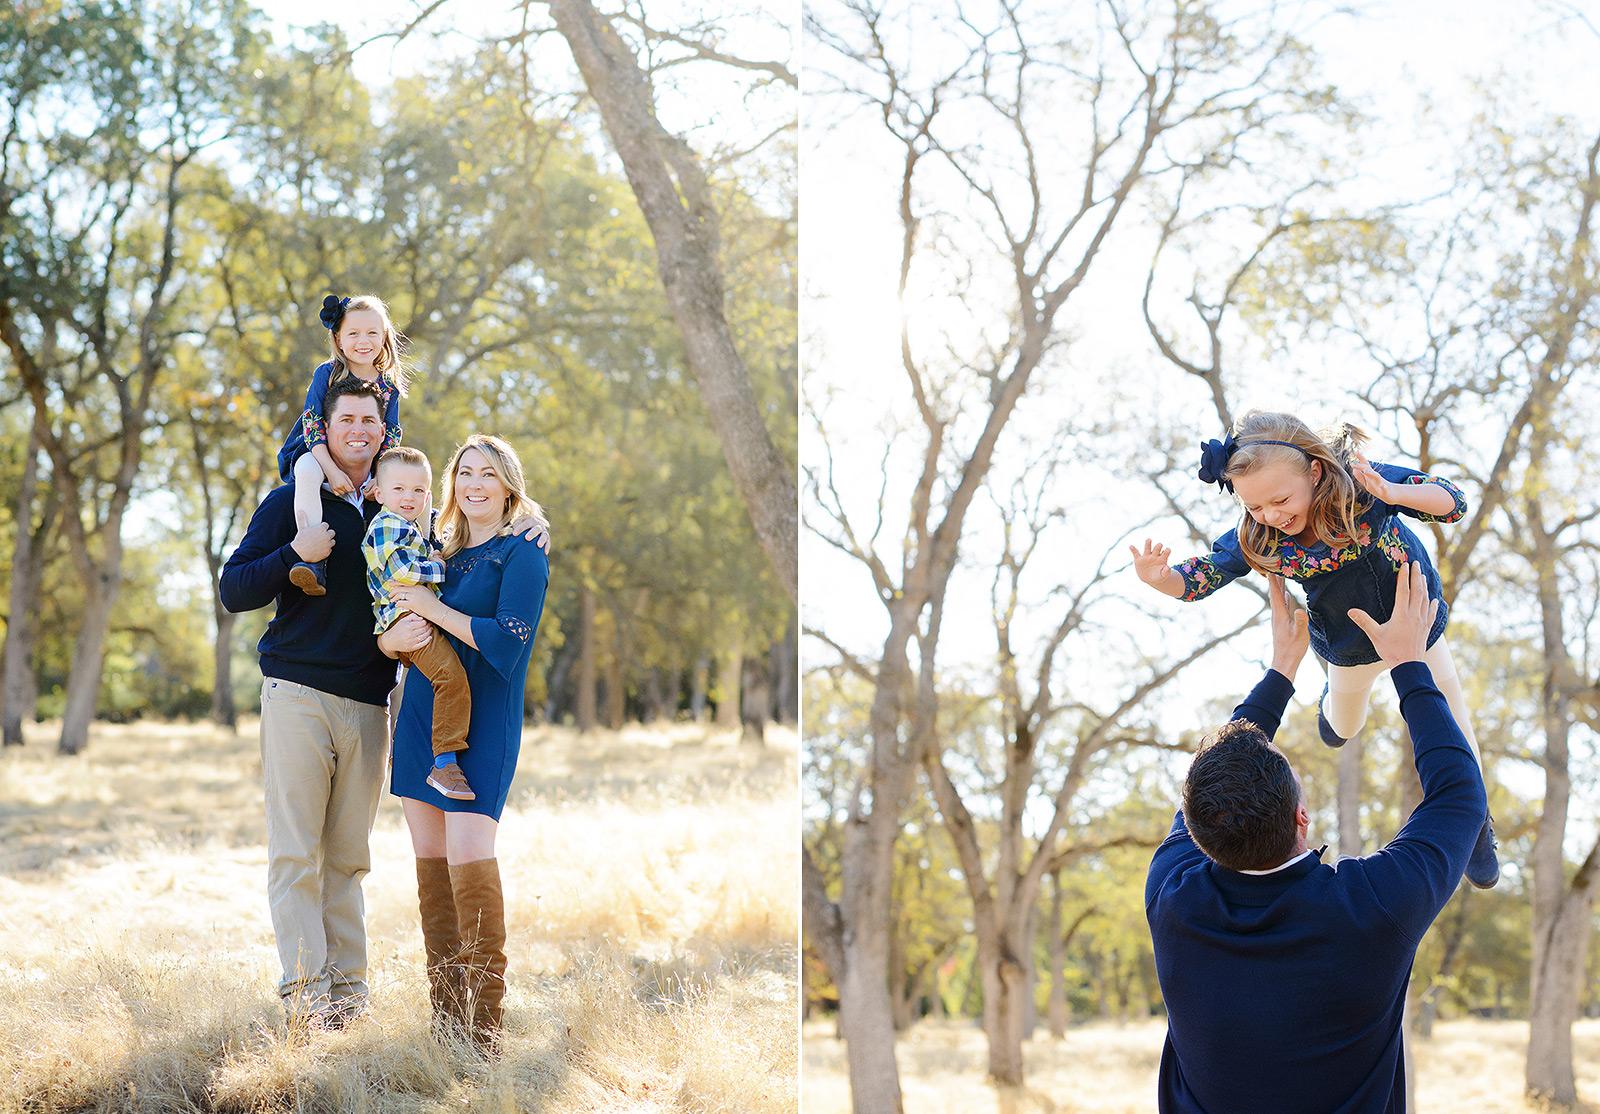 Fall Family Photos in Fair Oaks